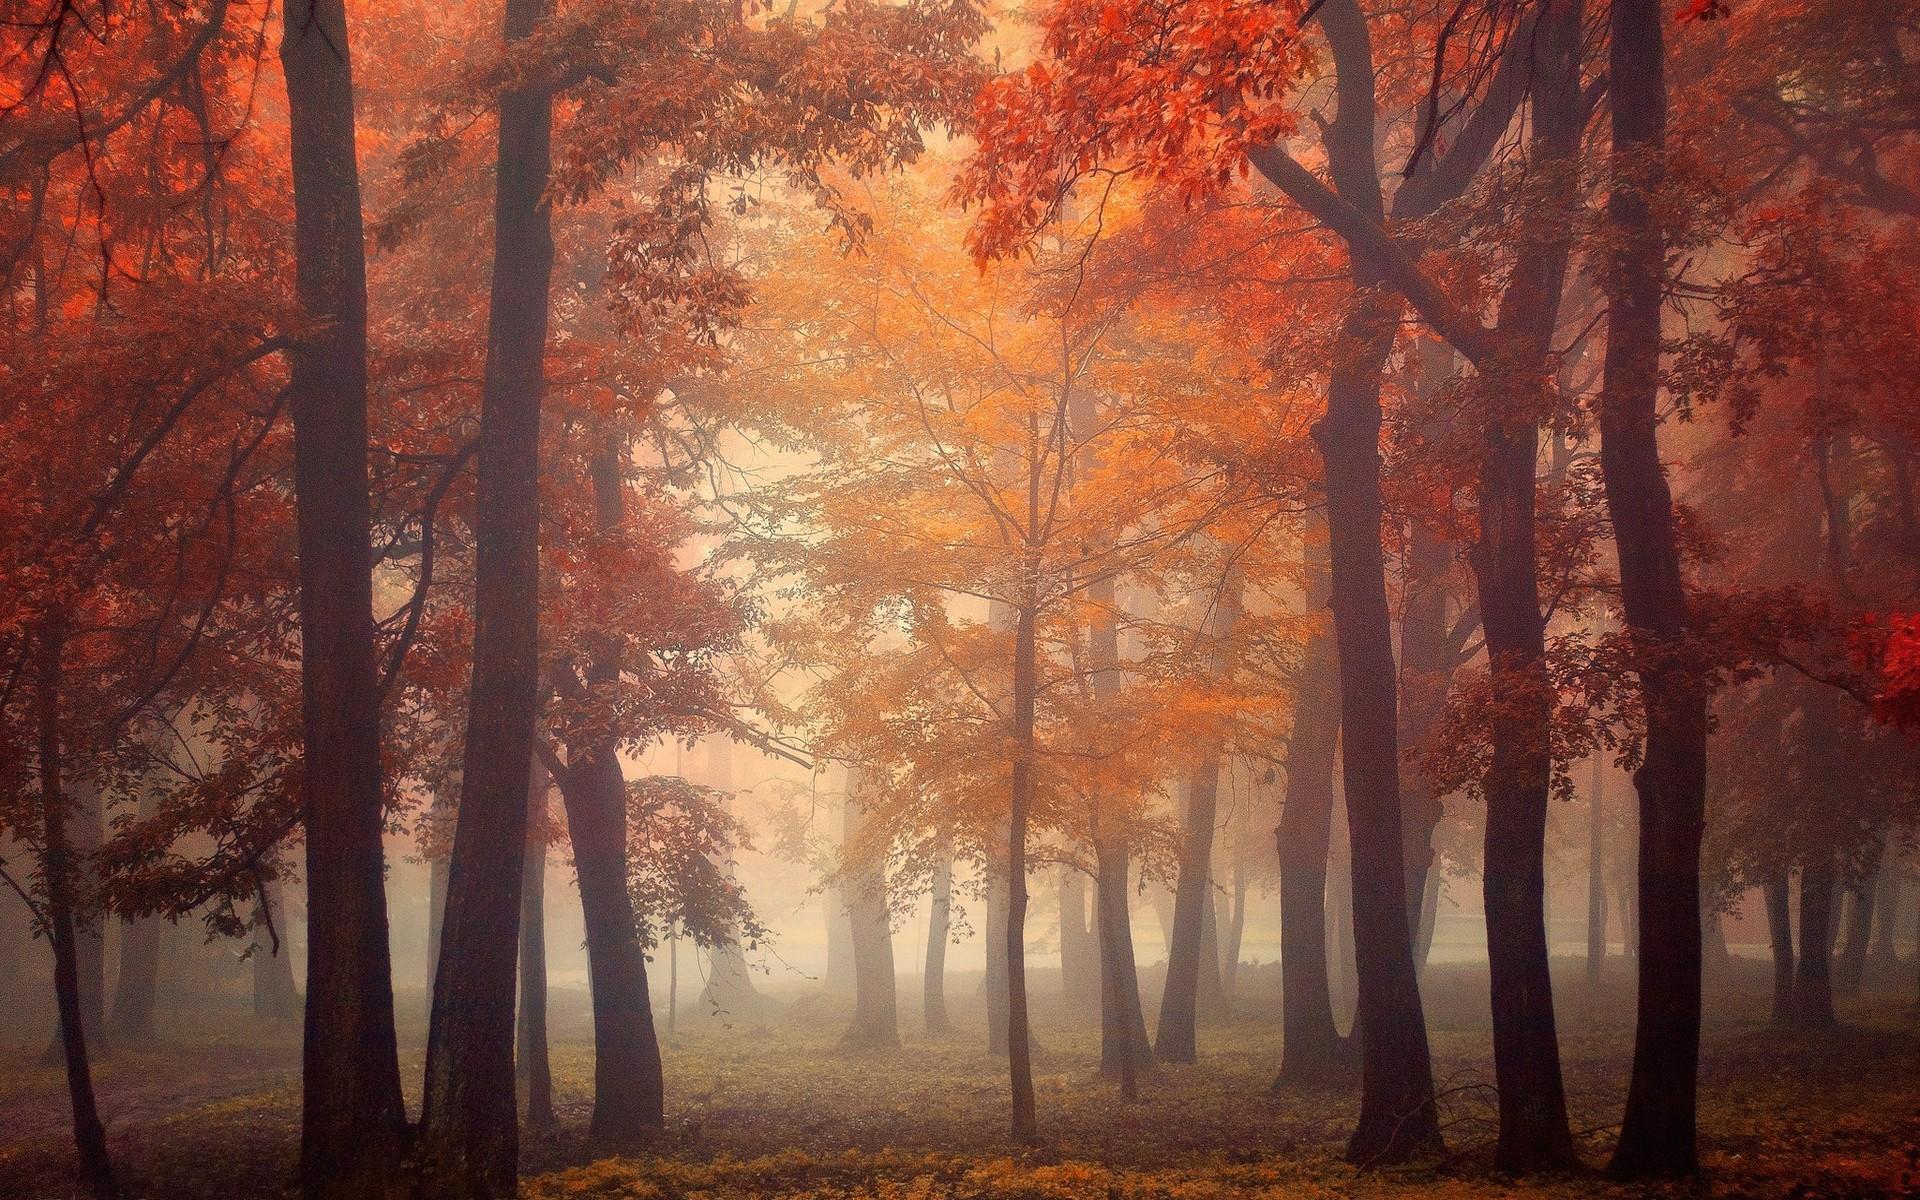 Autumn Falling Leaves Wallpaper Mist Trees Fall Leaves Red Park Morning Sunrise